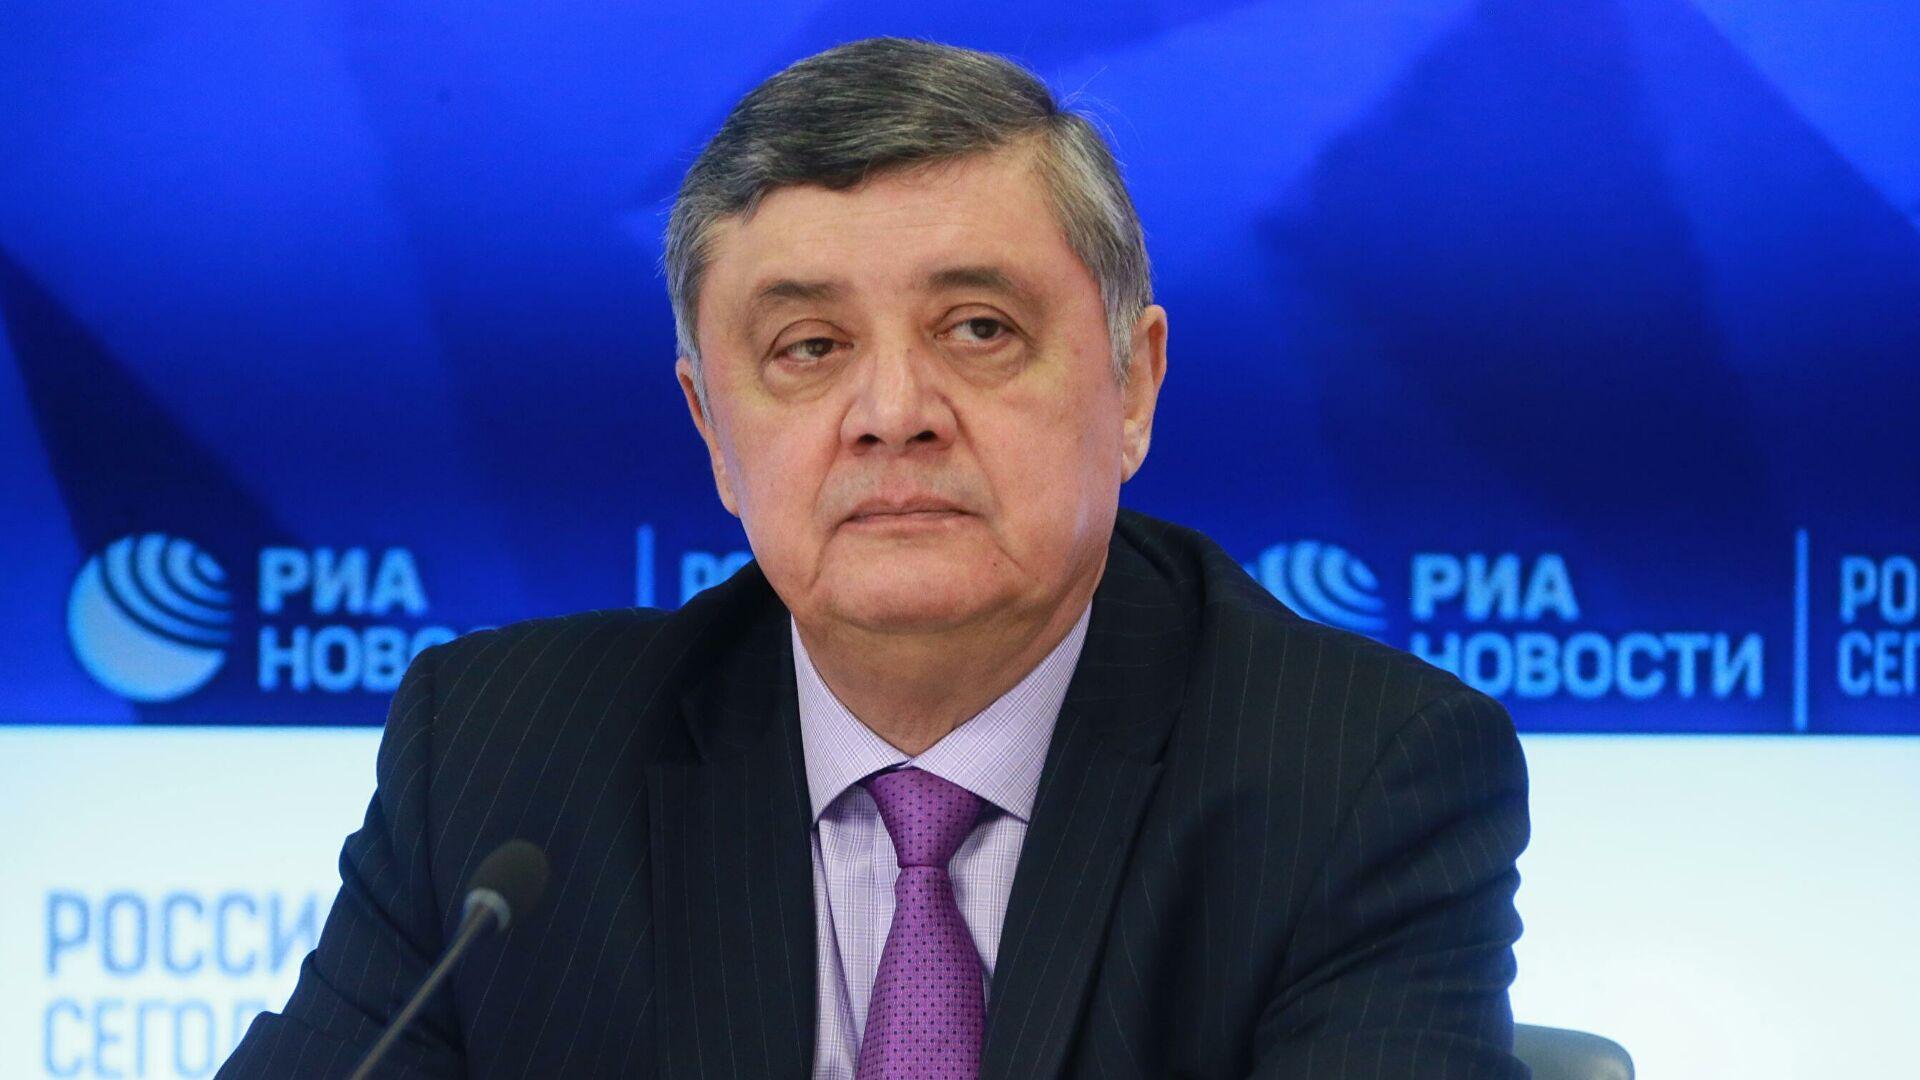 Москва позвала Запад да не замрзава имовину нових власти Авганистана и да не ствара додатне проблеме народу